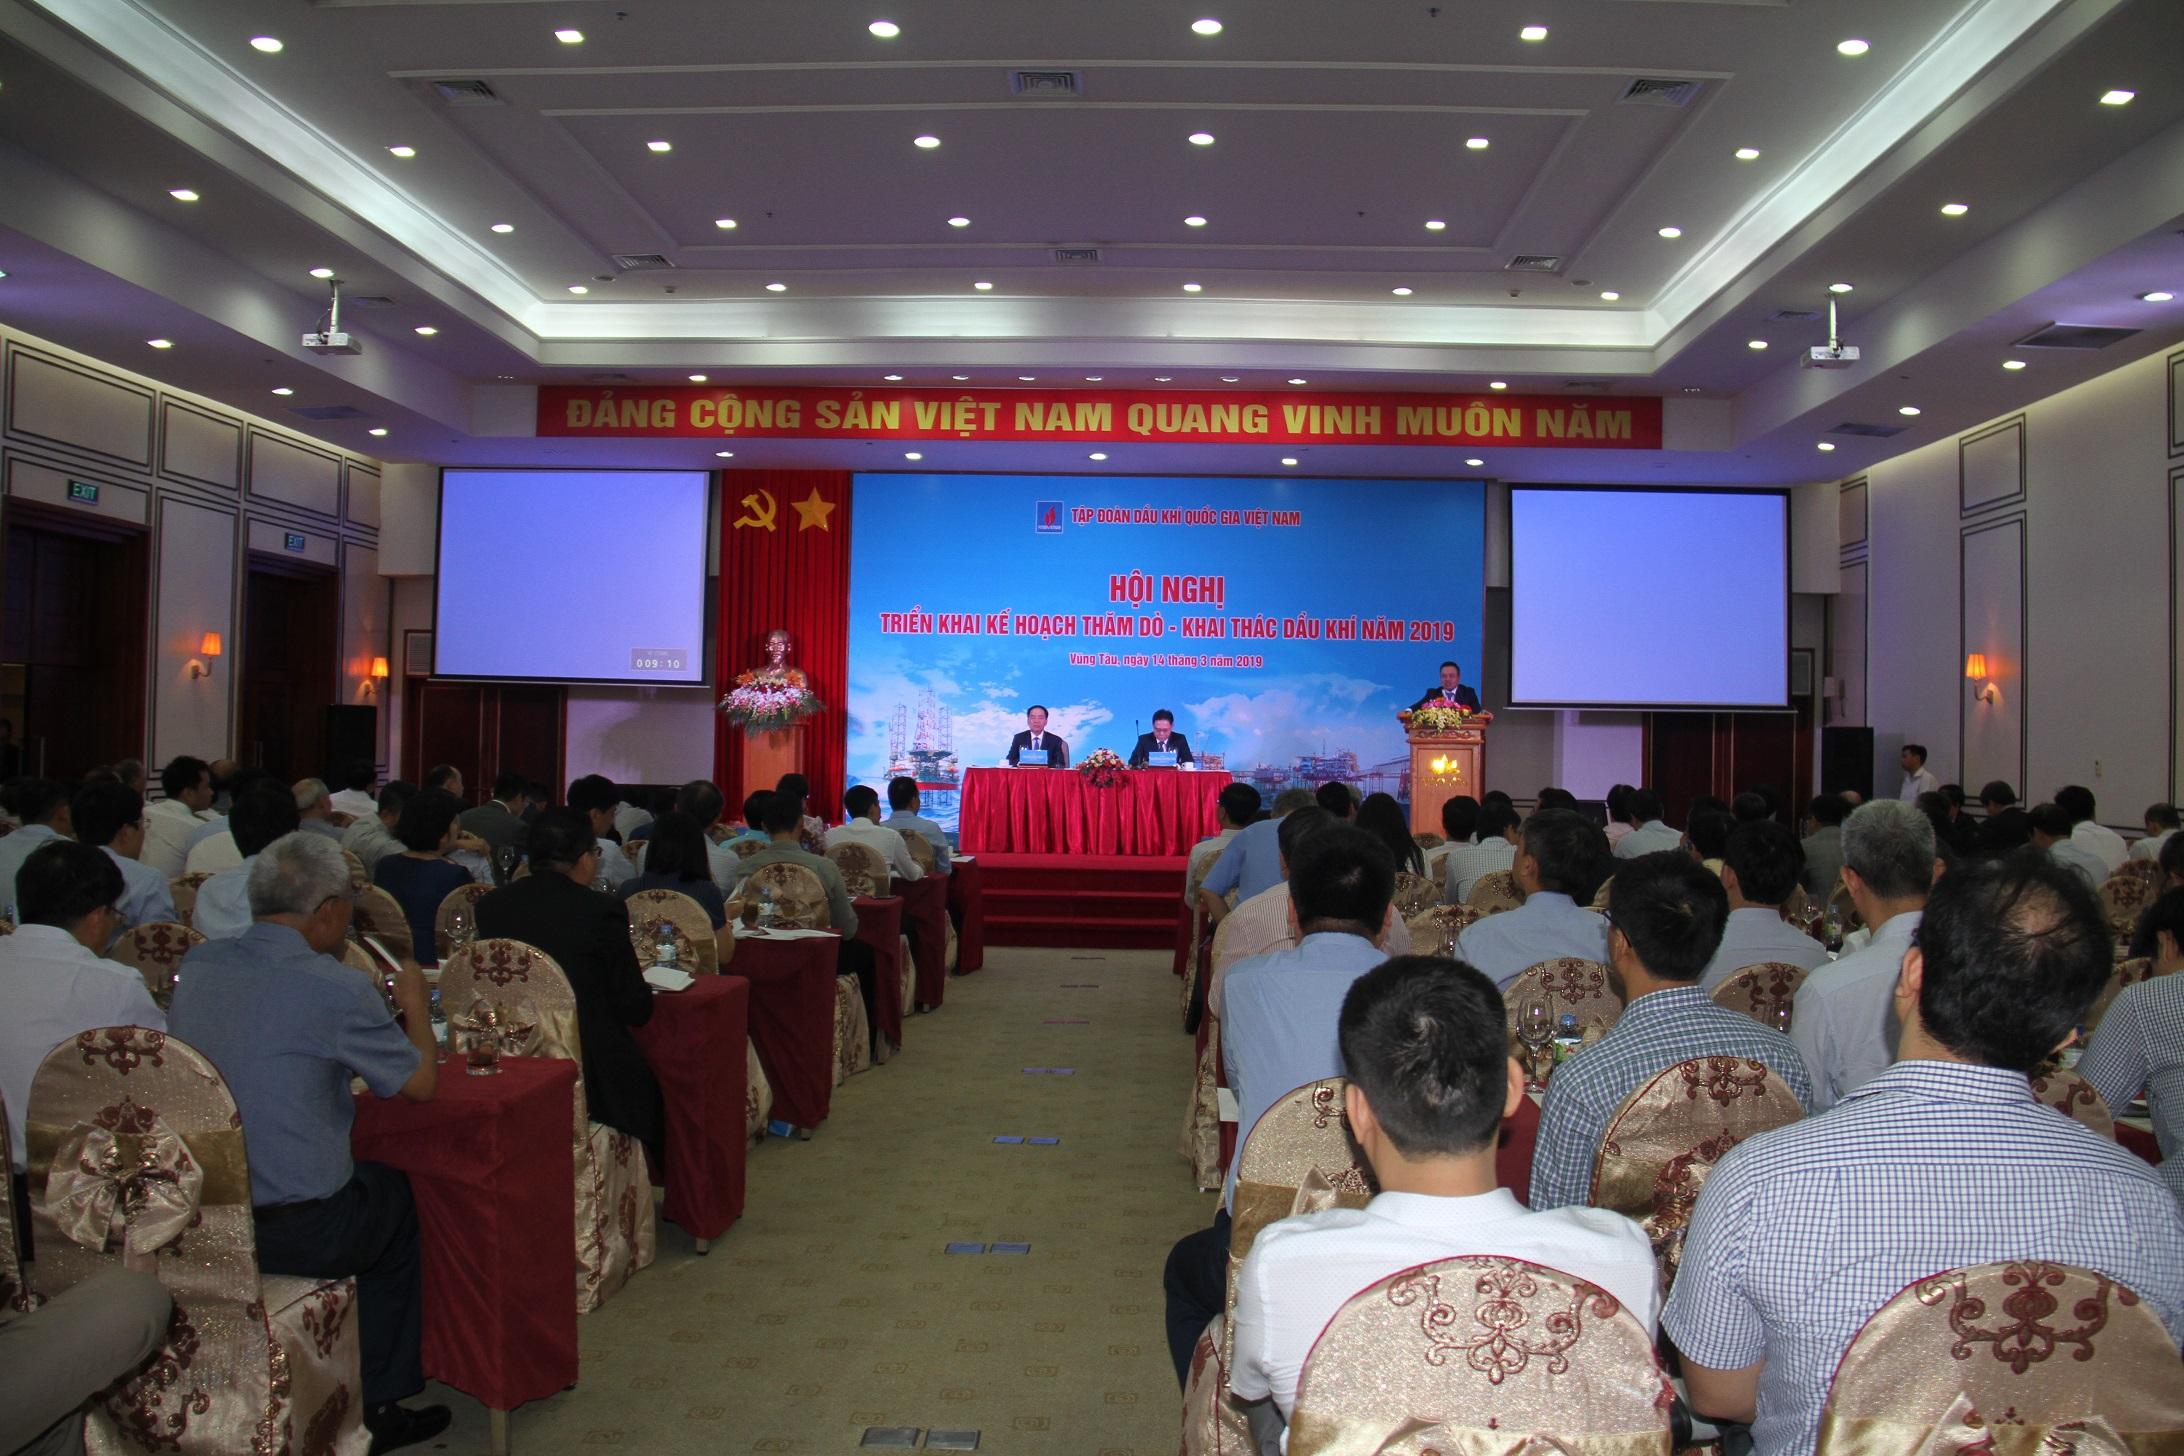 PVN tổ chức hội nghị thăm dò, khai thác năm 2019 - Ảnh 1